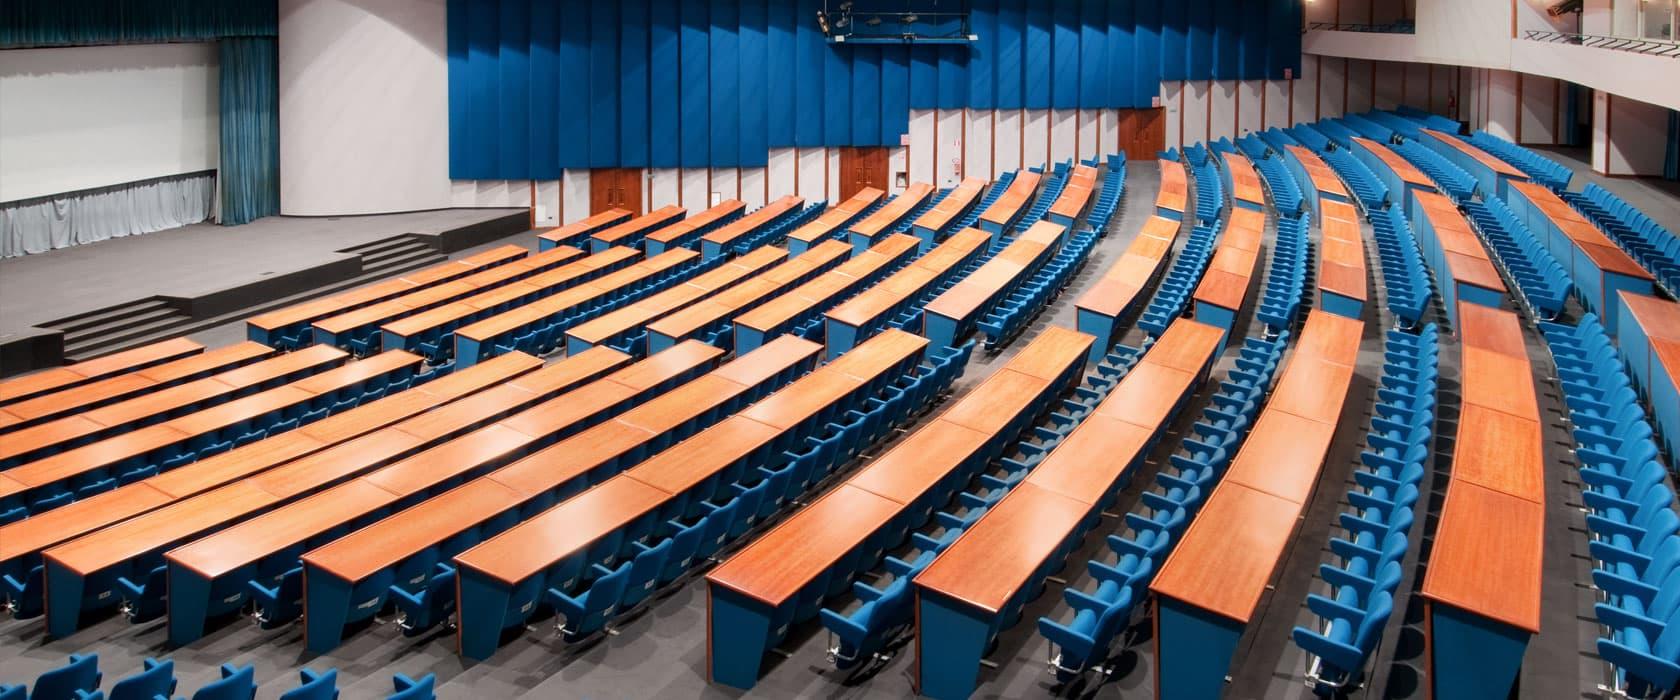 Auditorium Sirene